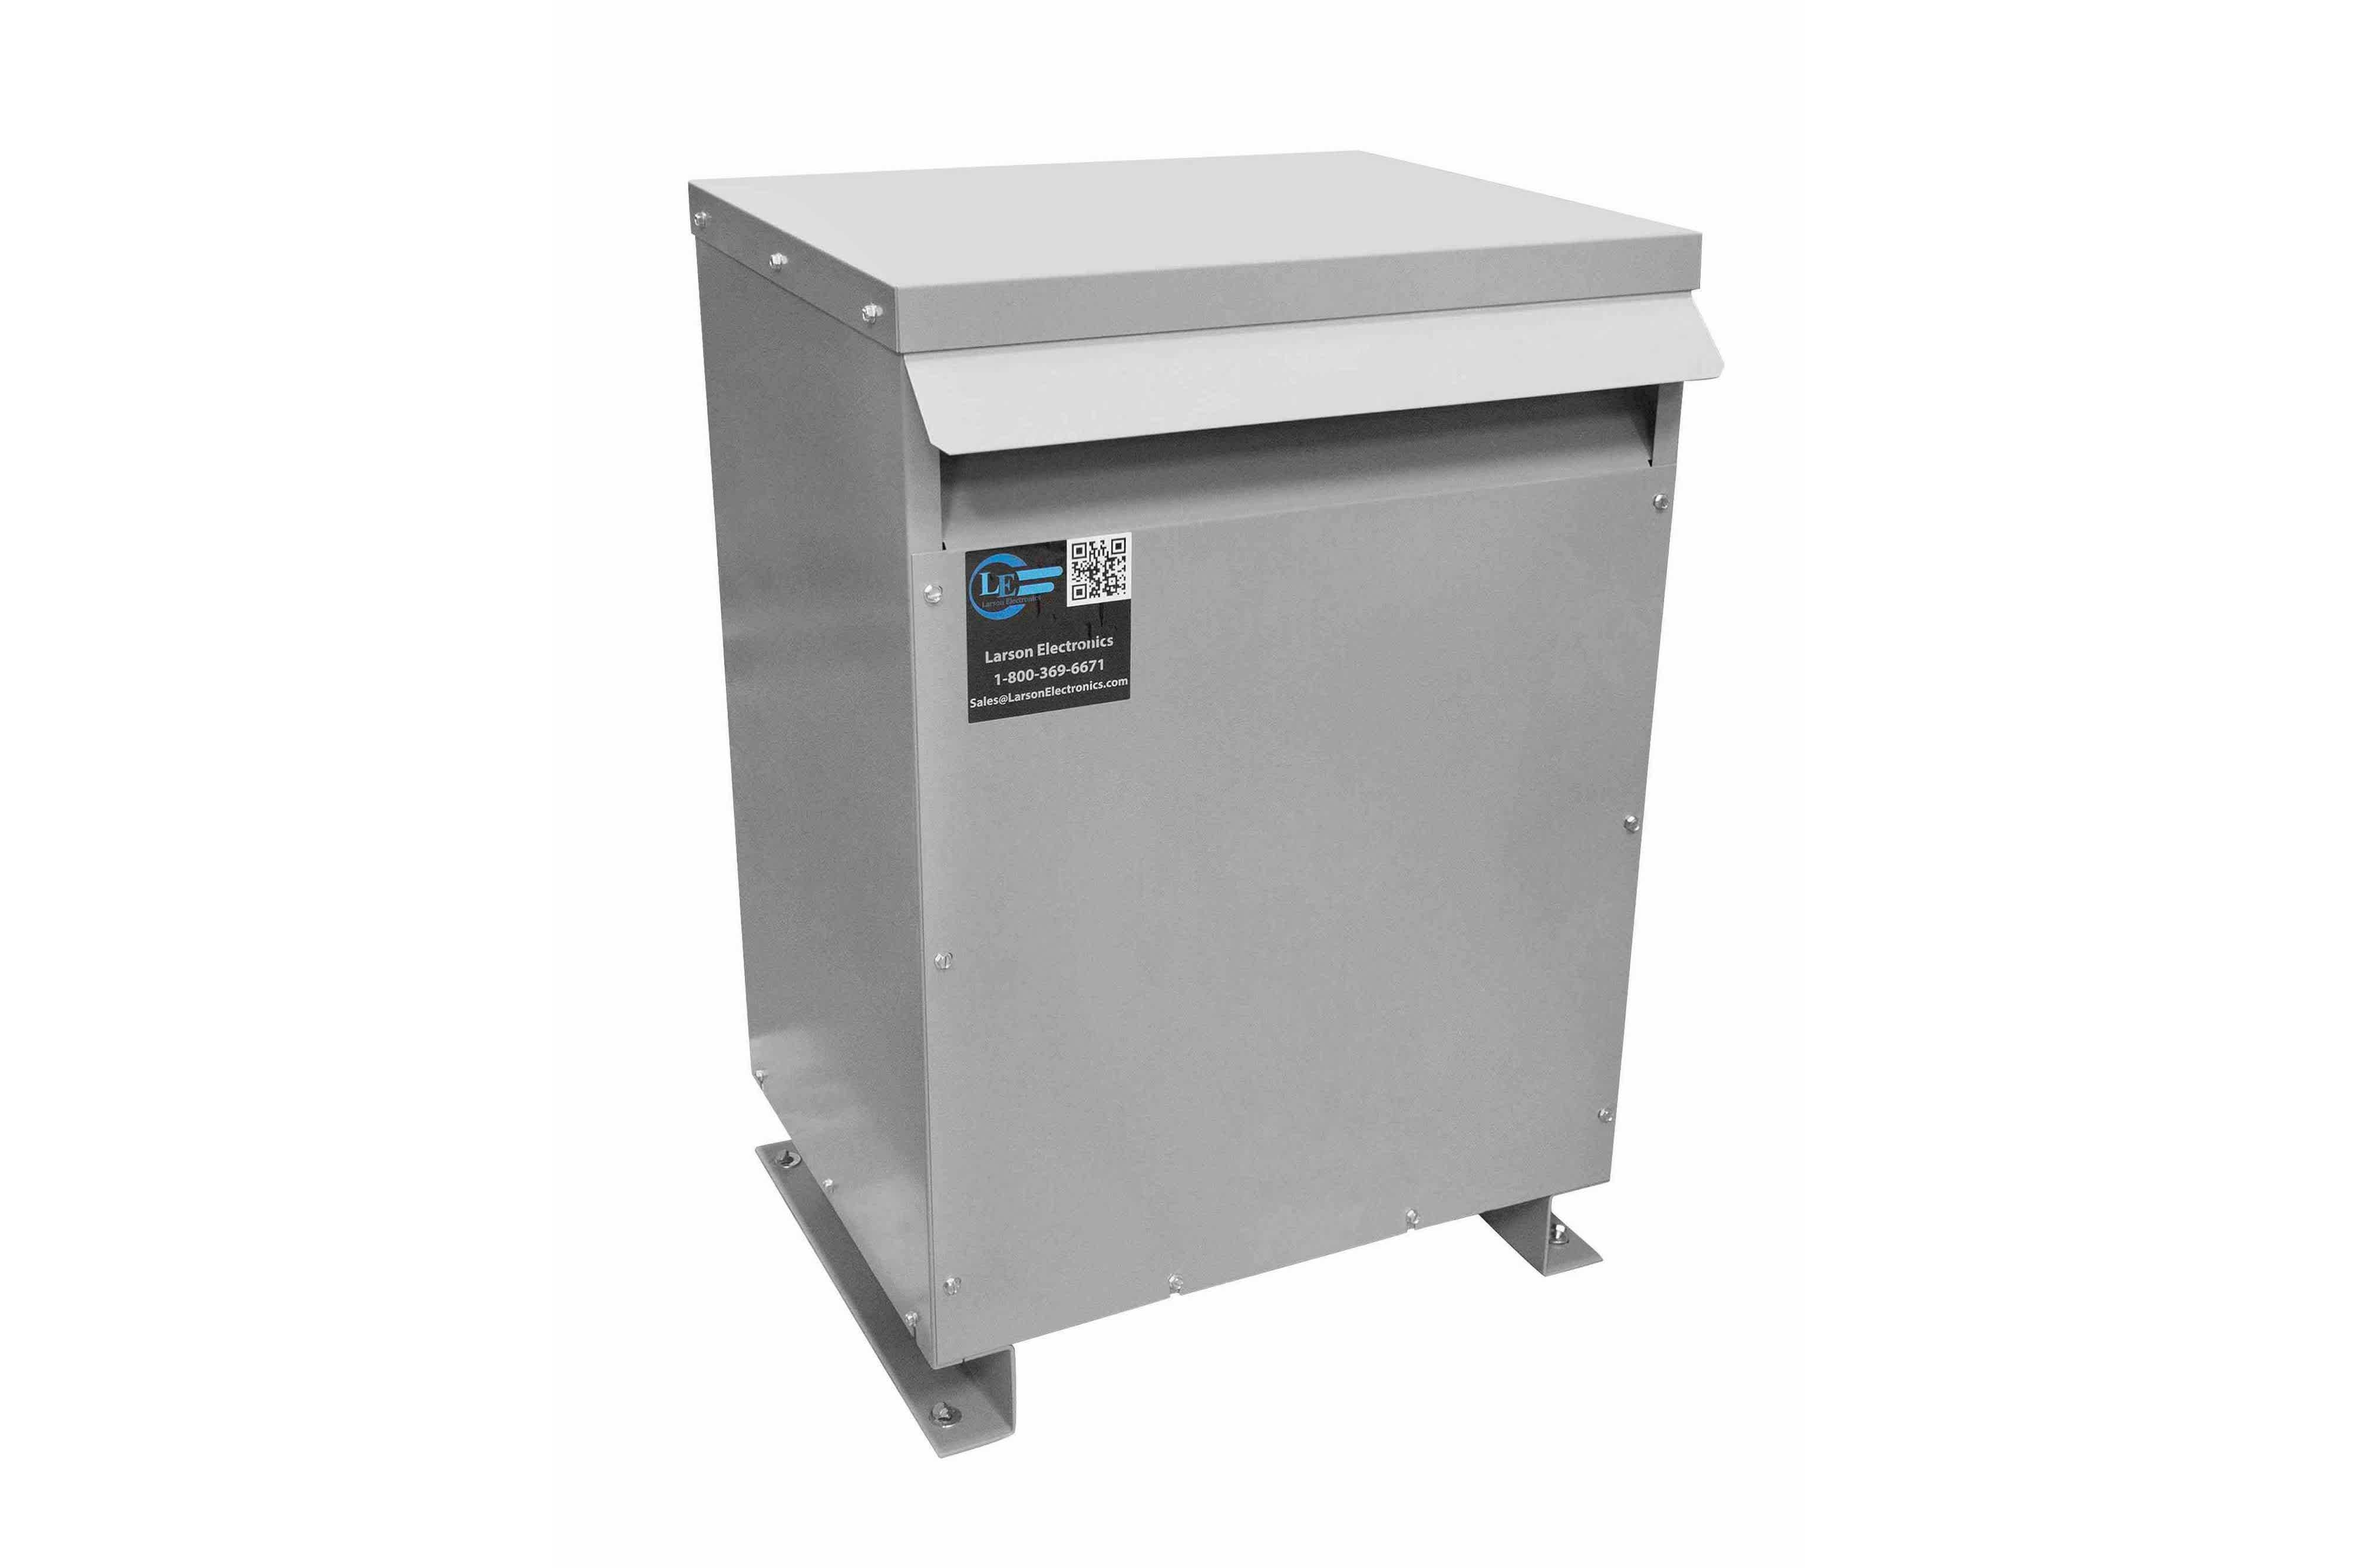 20 kVA 3PH Isolation Transformer, 440V Delta Primary, 208V Delta Secondary, N3R, Ventilated, 60 Hz